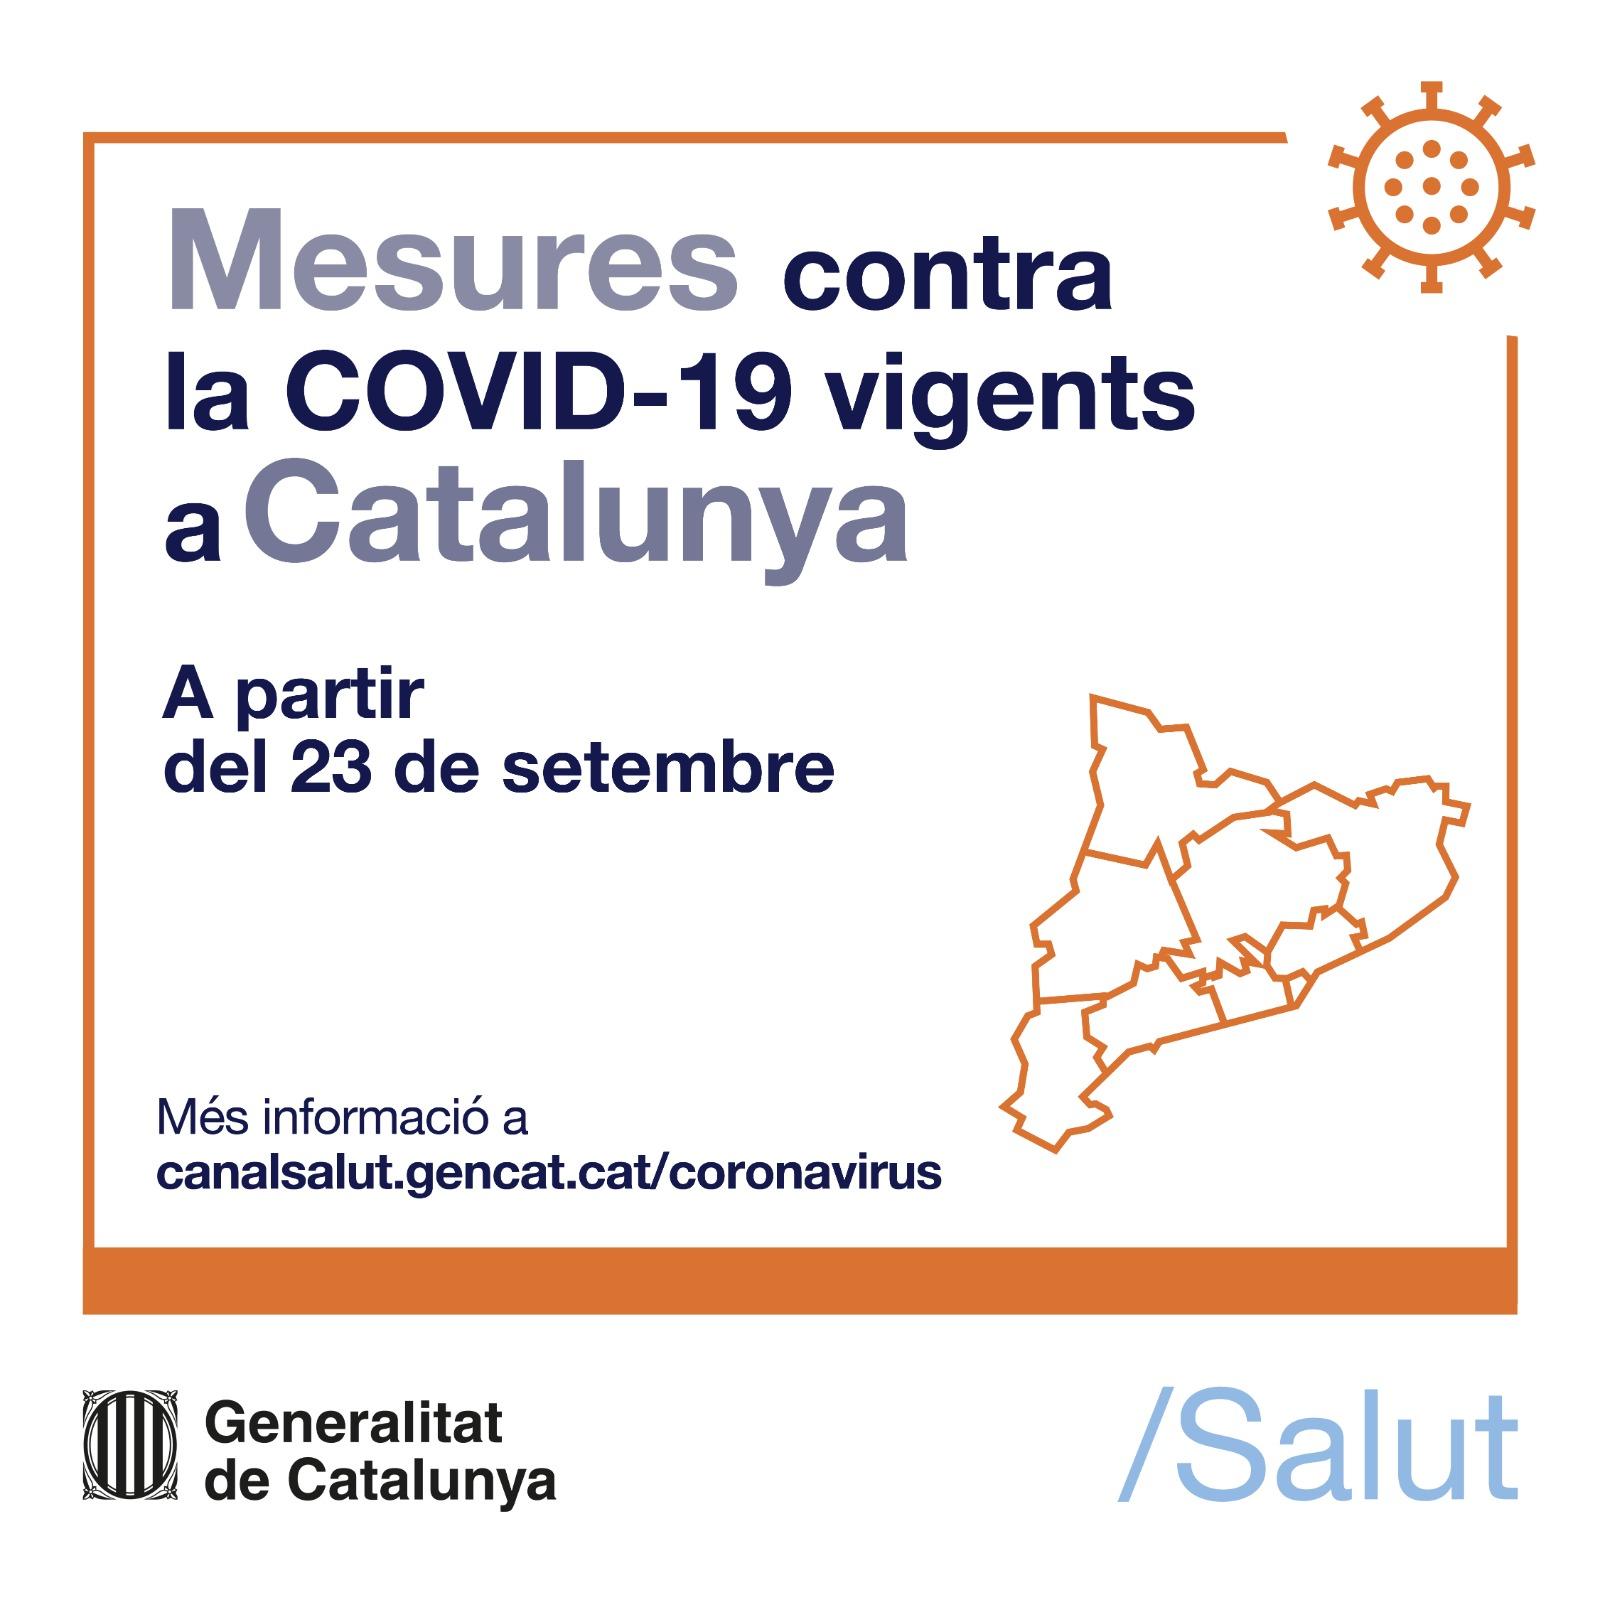 Mesures contra la COVID-19 vigents des del 23 de setembre